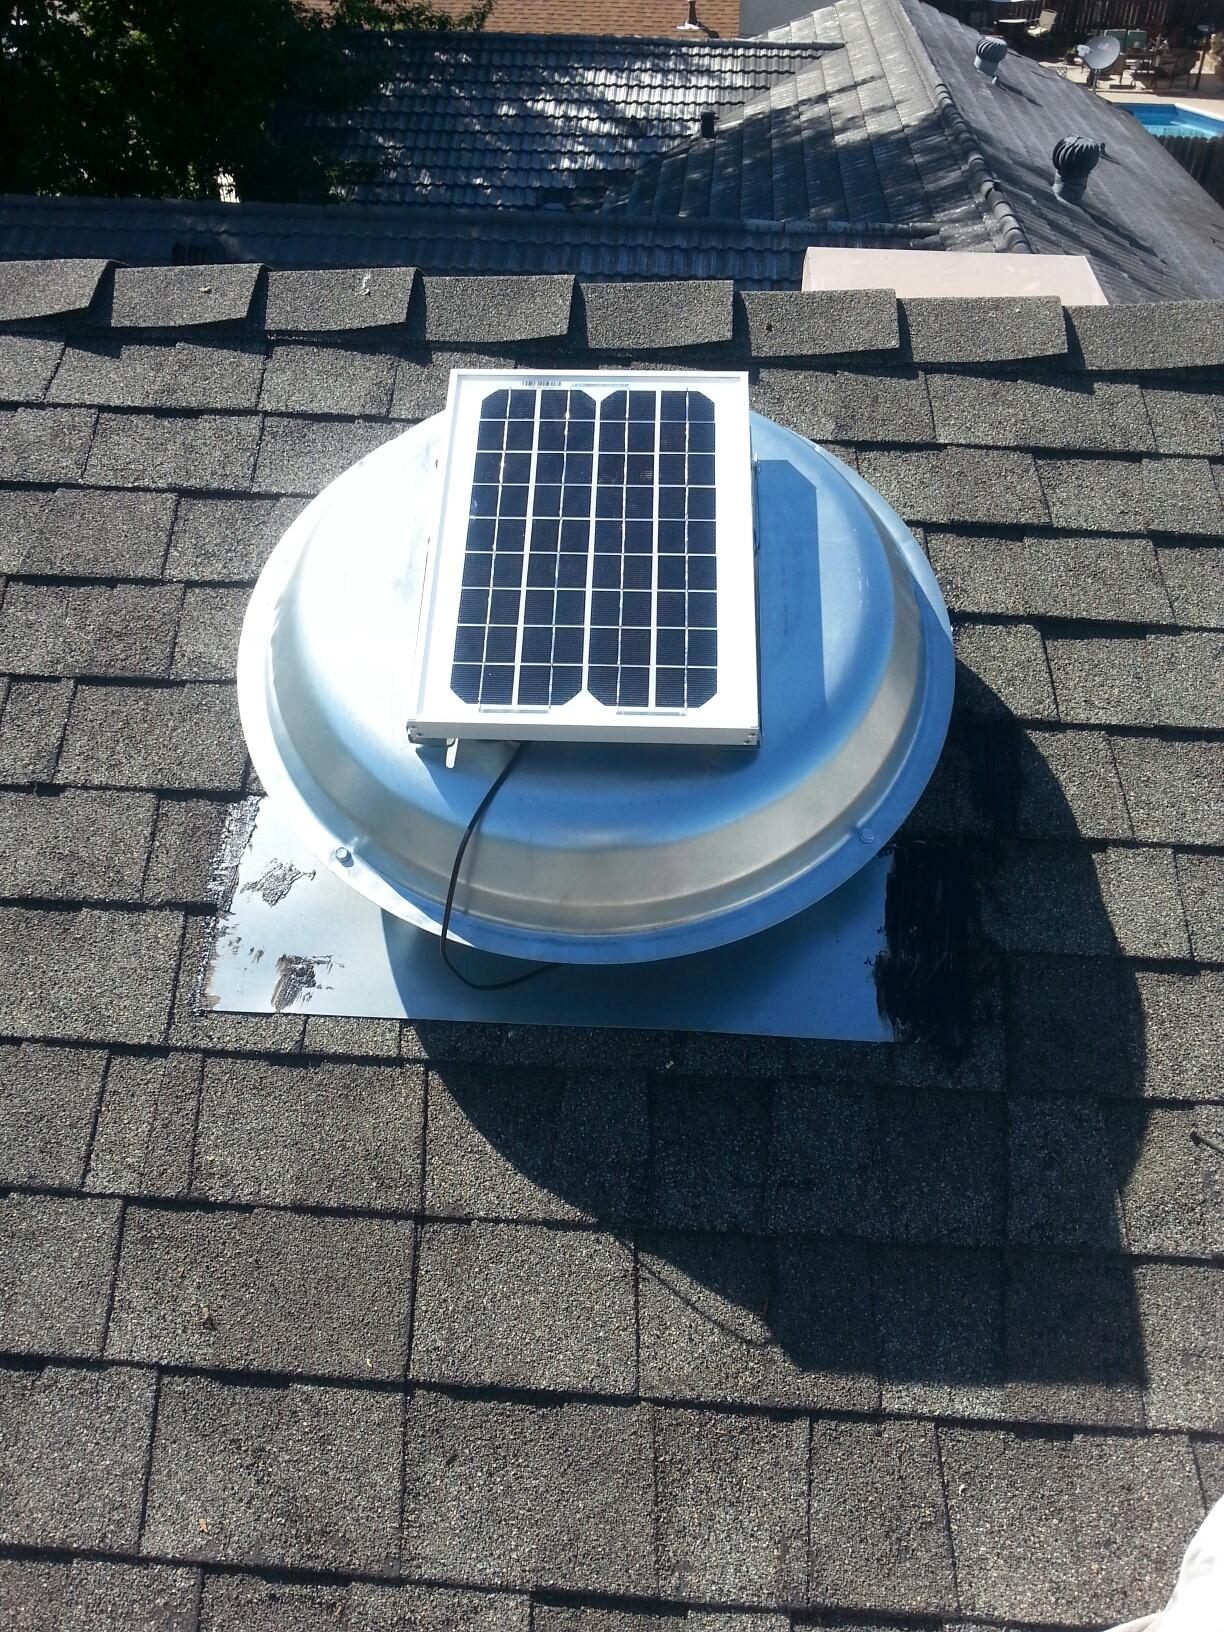 Rancho Cordova, CA - Rancho Cordova solar attic fan installation